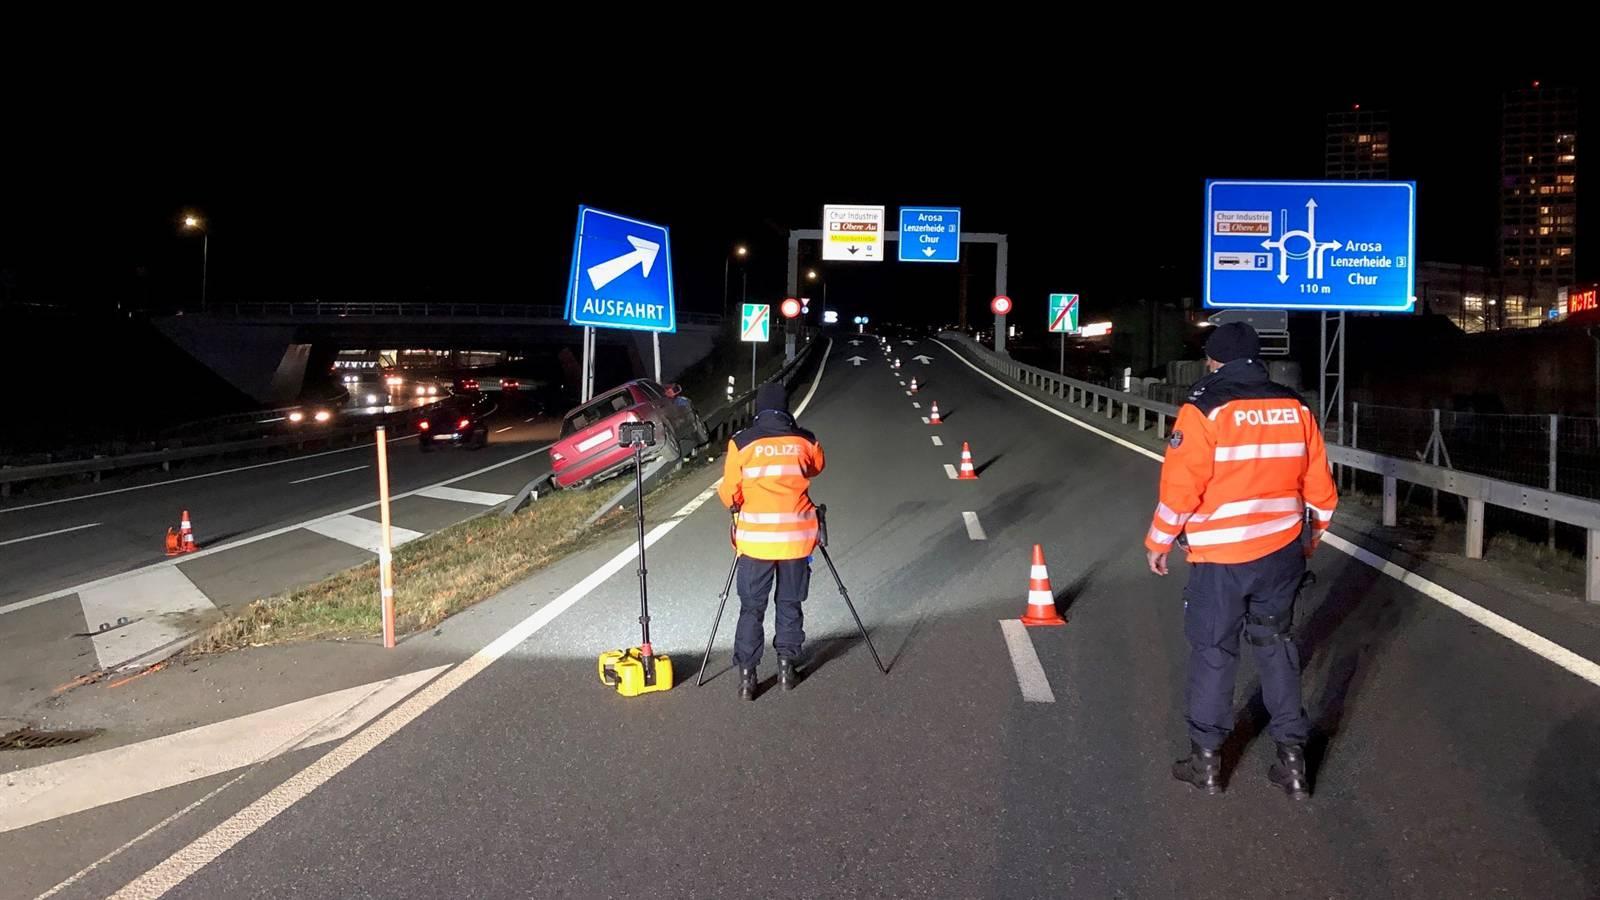 Polizisten der Kantonspolizei Graubünden halten die Details des Unfalls fest.